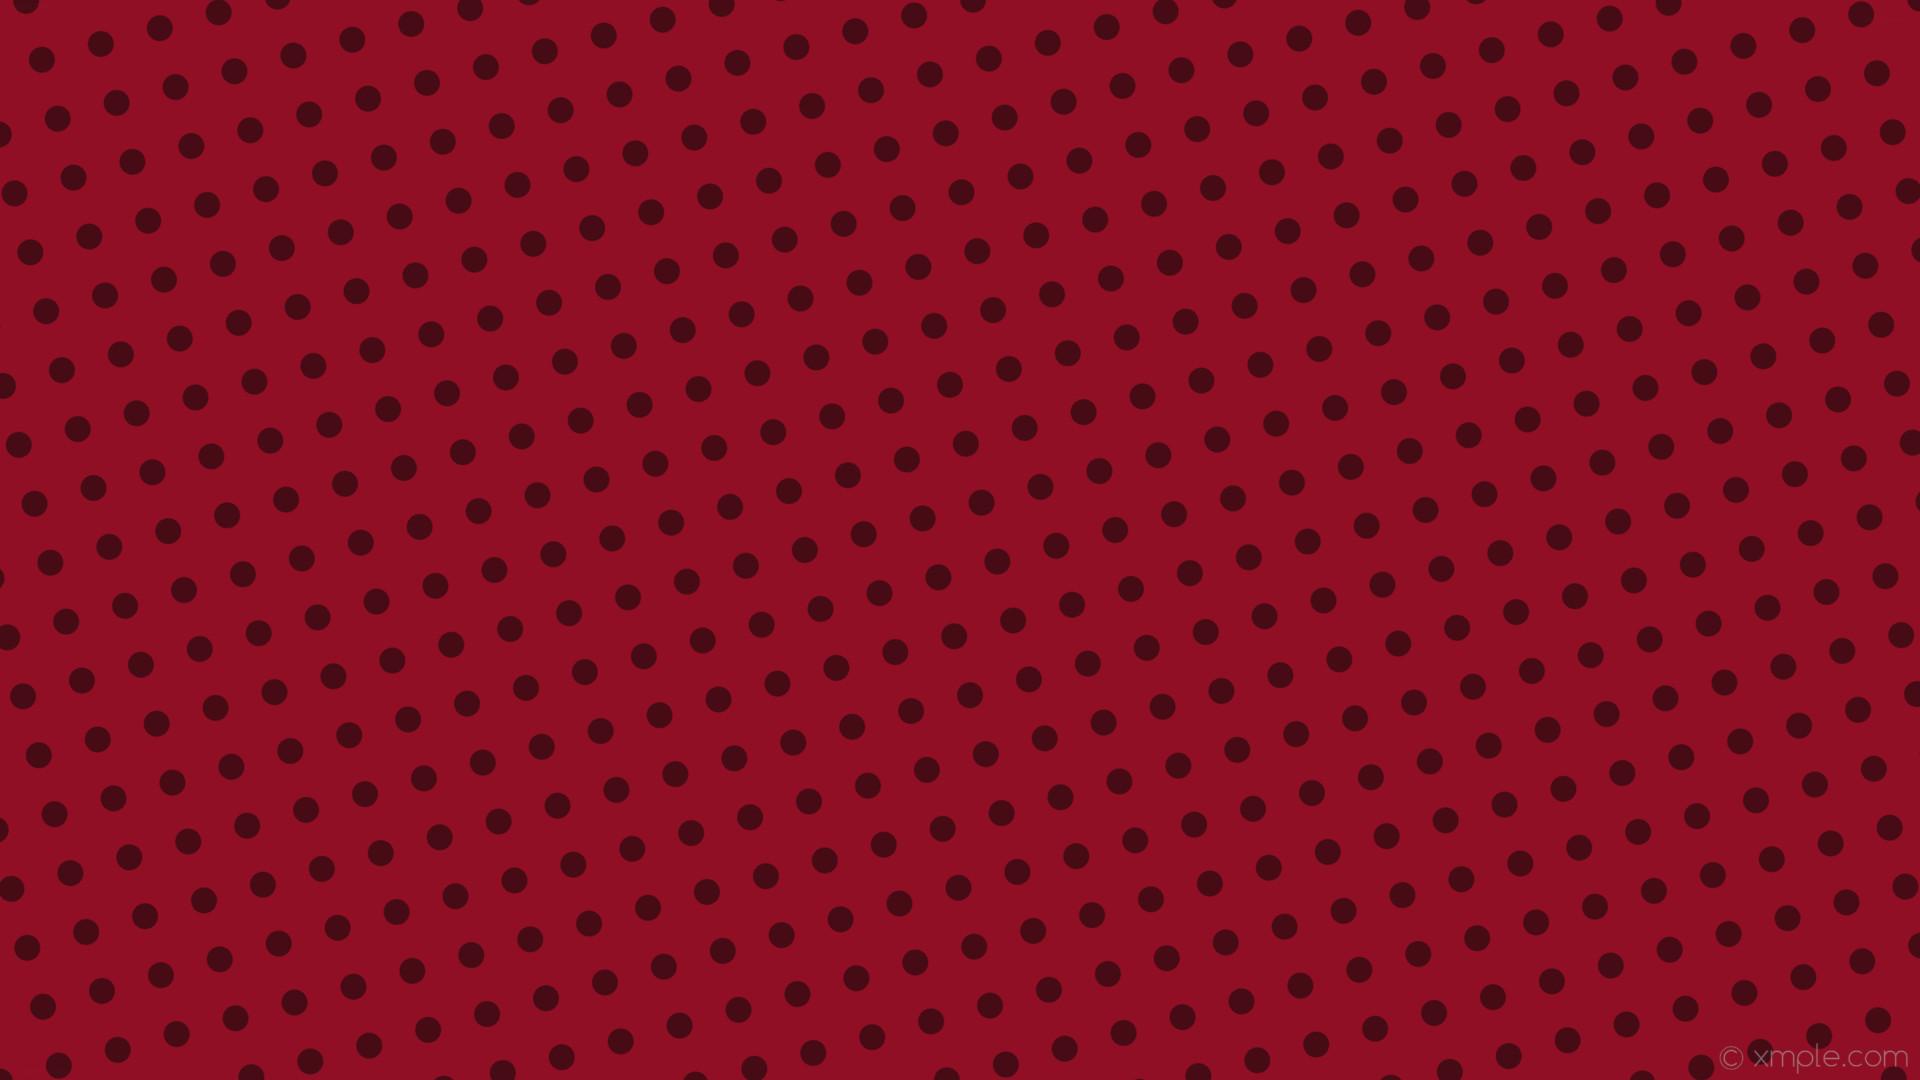 wallpaper spots red polka dots dark red #900f24 #470b15 105° 26px 61px